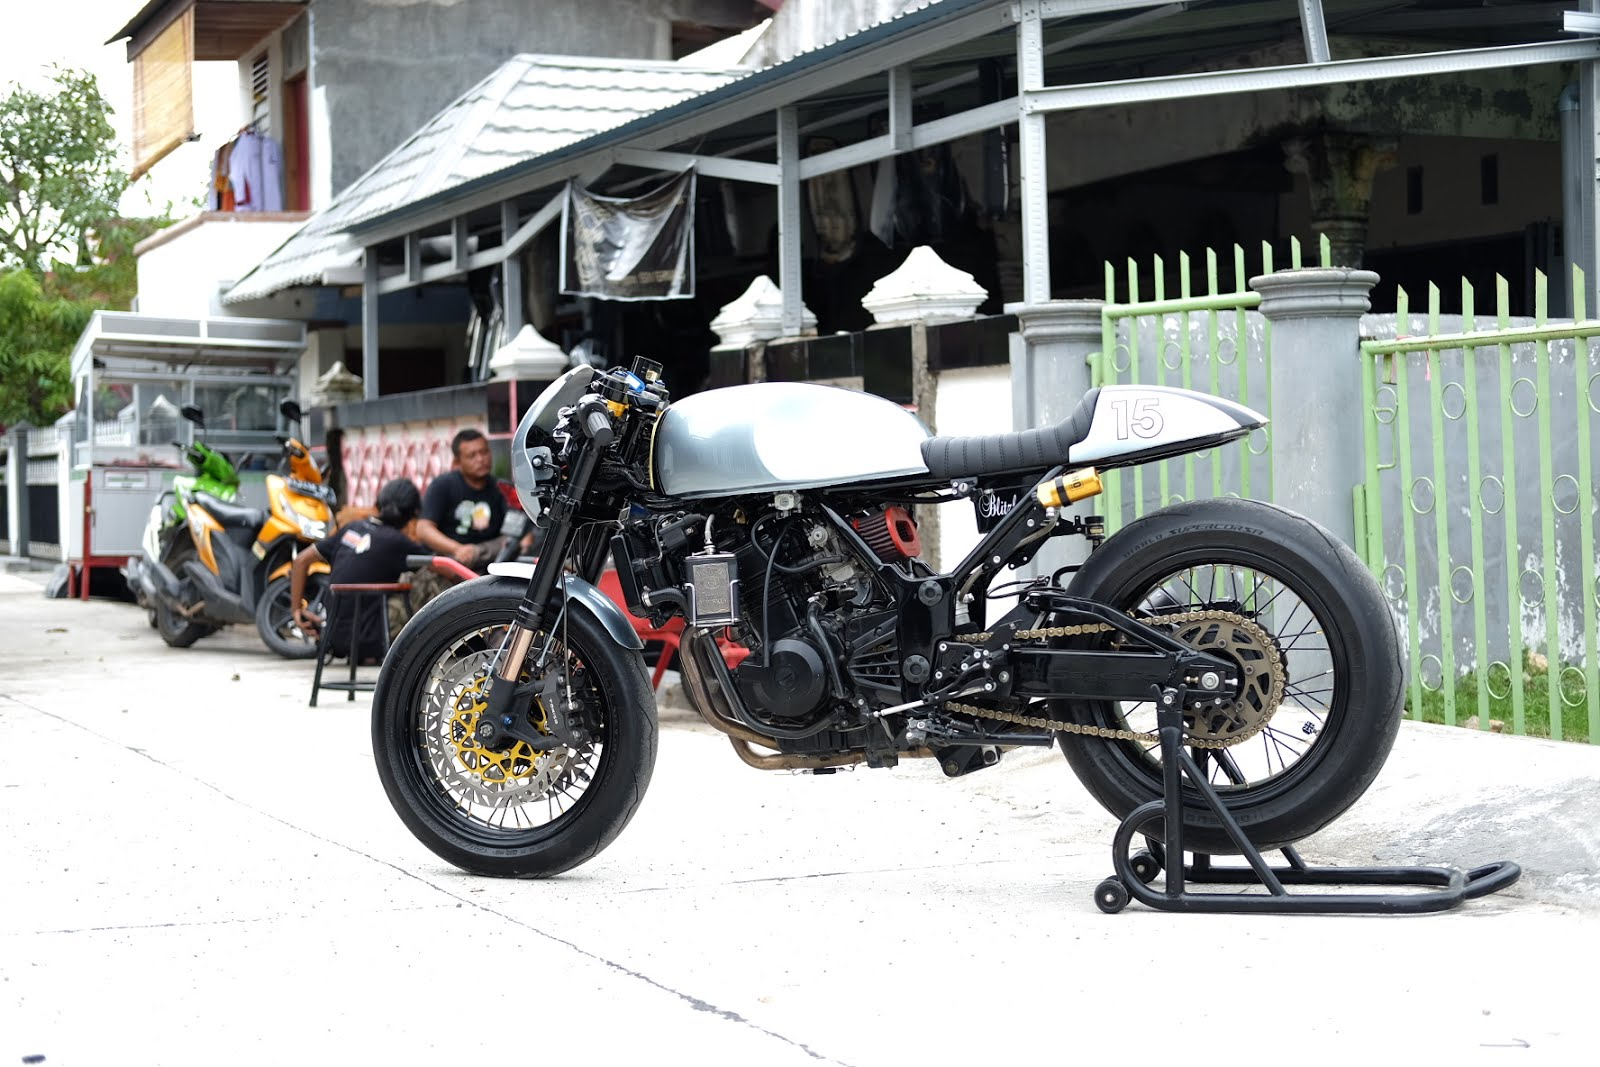 Kawasaki Ninja 250cc Cafe Racer 5